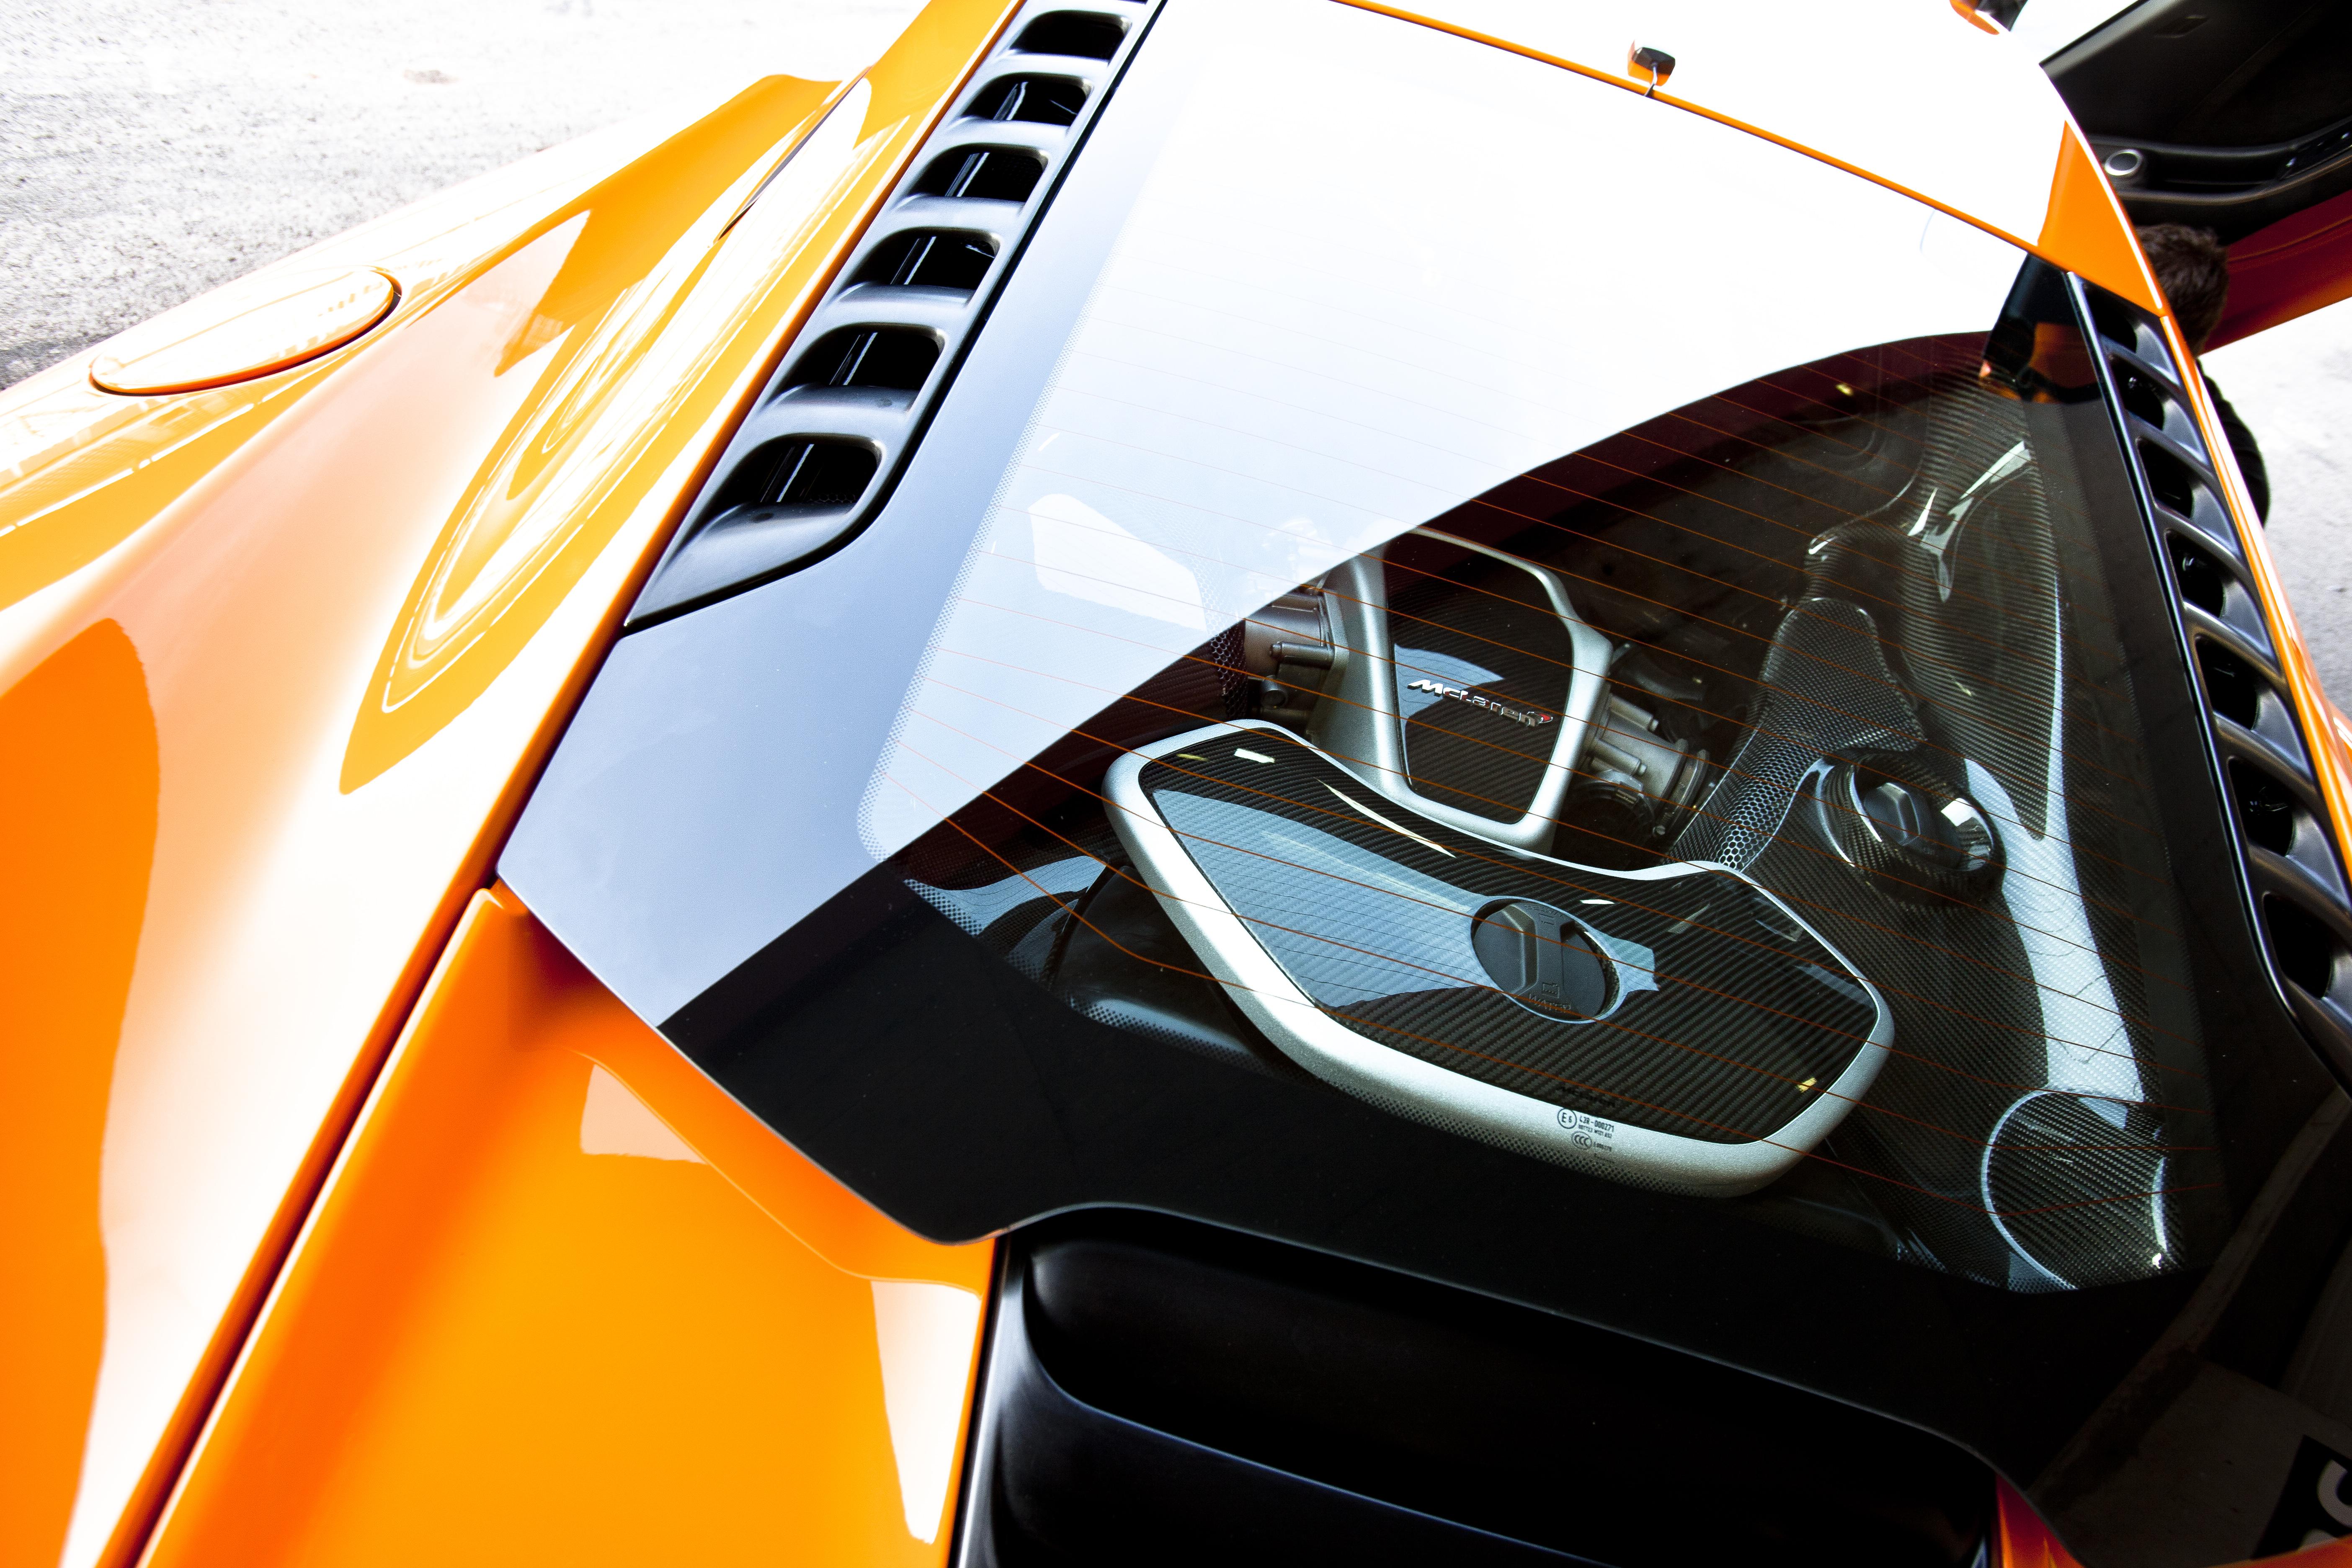 McLaren MP4-12C 2012 bright orange engine bay detail